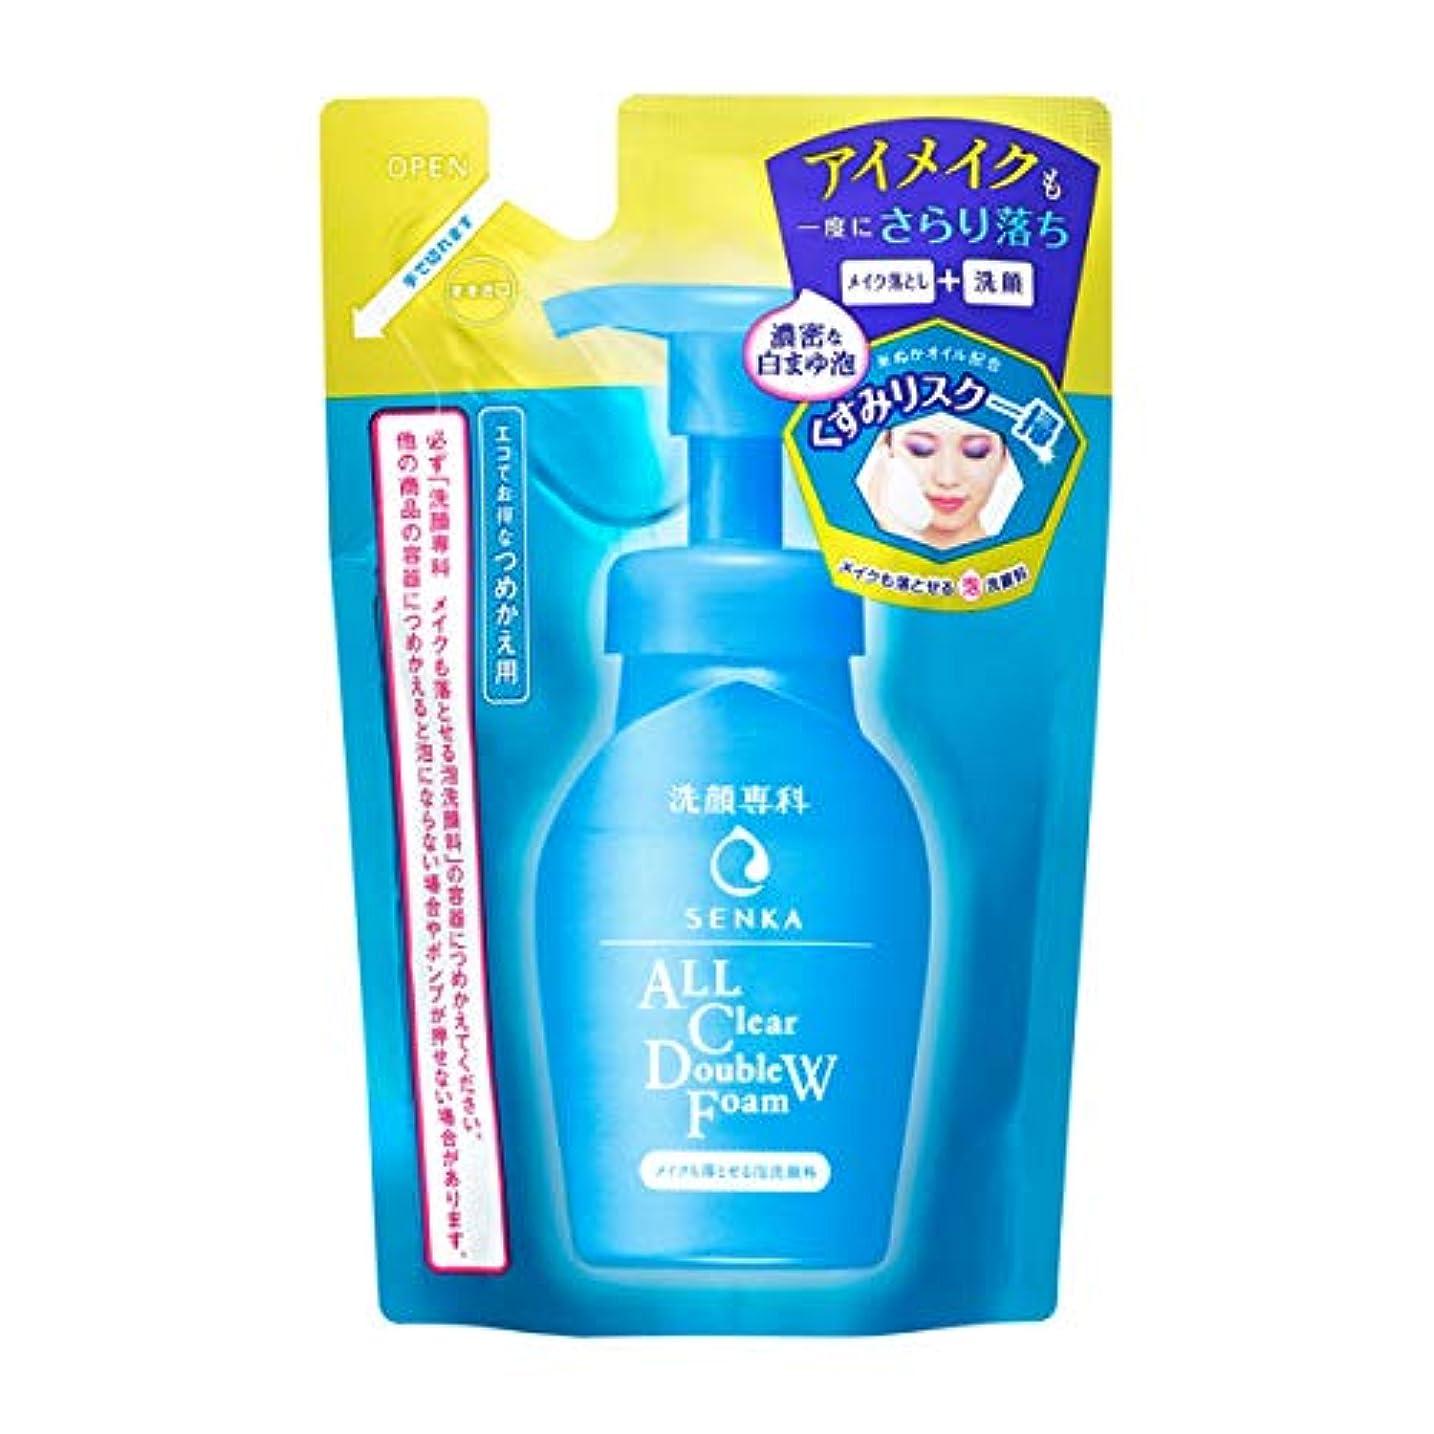 控えるスタンド想像する洗顔専科 メイクも落とせる泡洗顔料 つめかえ用 130ml やさしく香るみずみずしいフローラルの香り